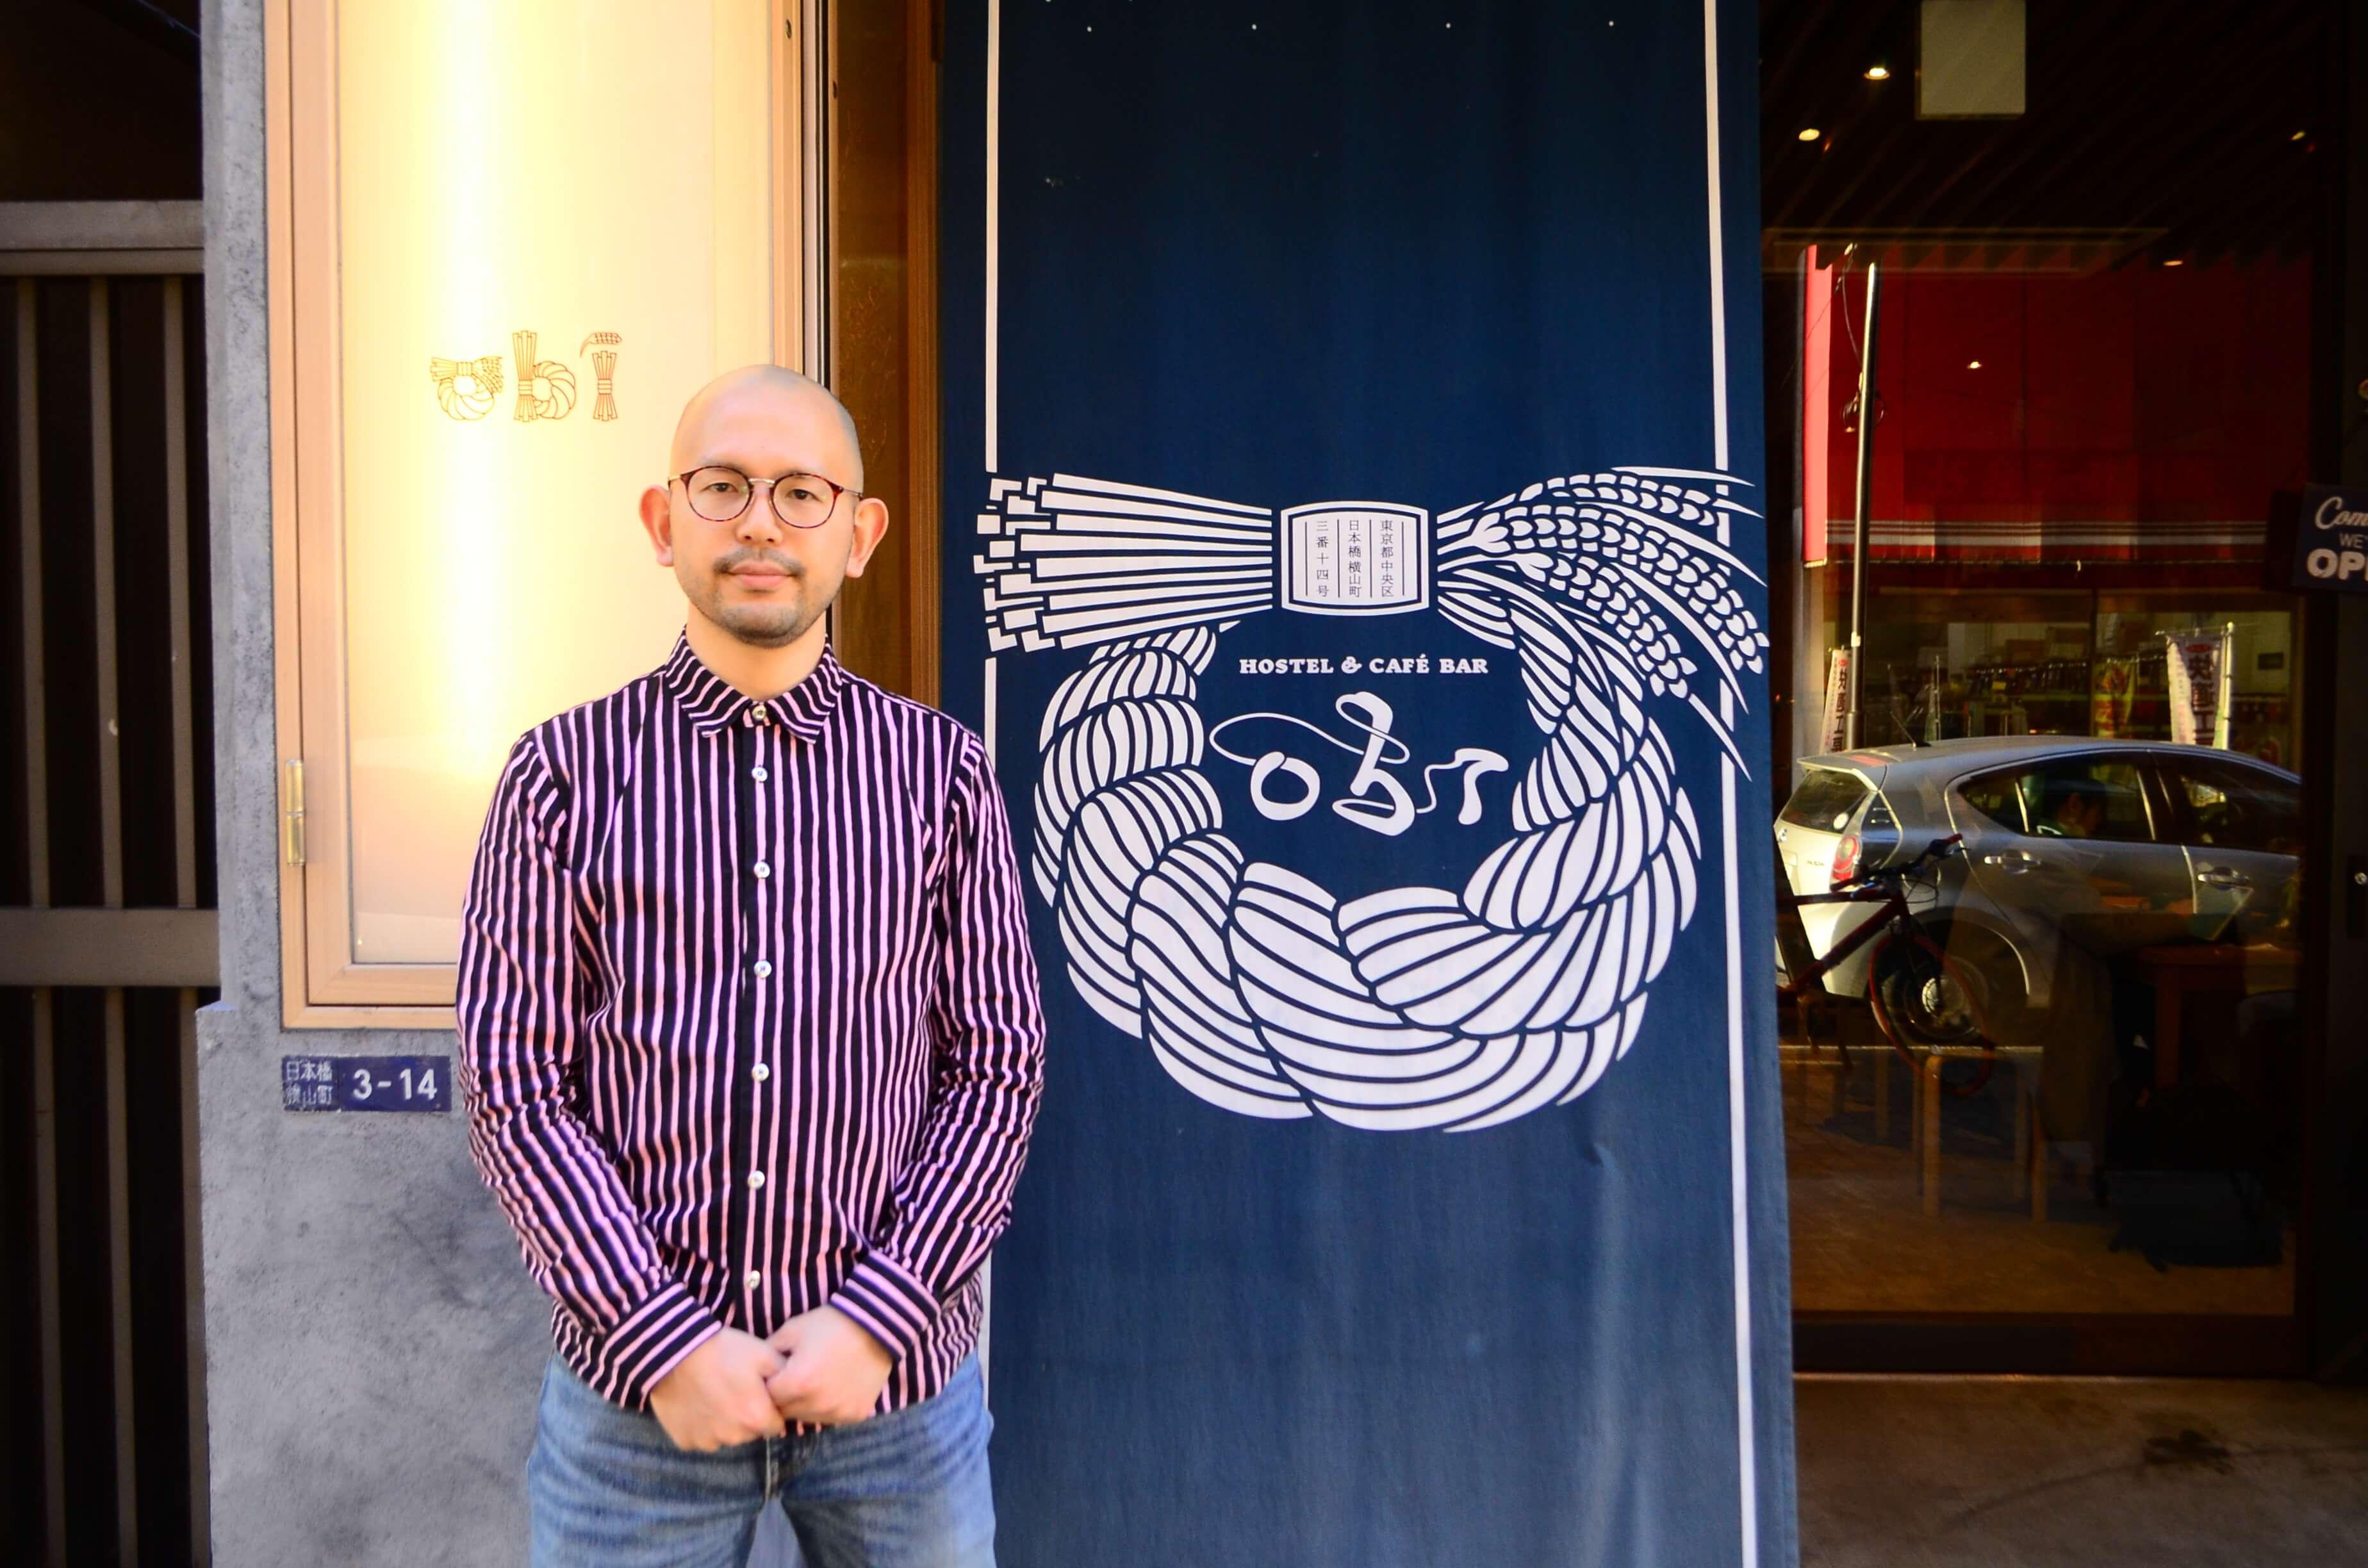 「obi Hostel」を運営する谷口 涼氏 vol.1「立ち上げ時のおはなし」